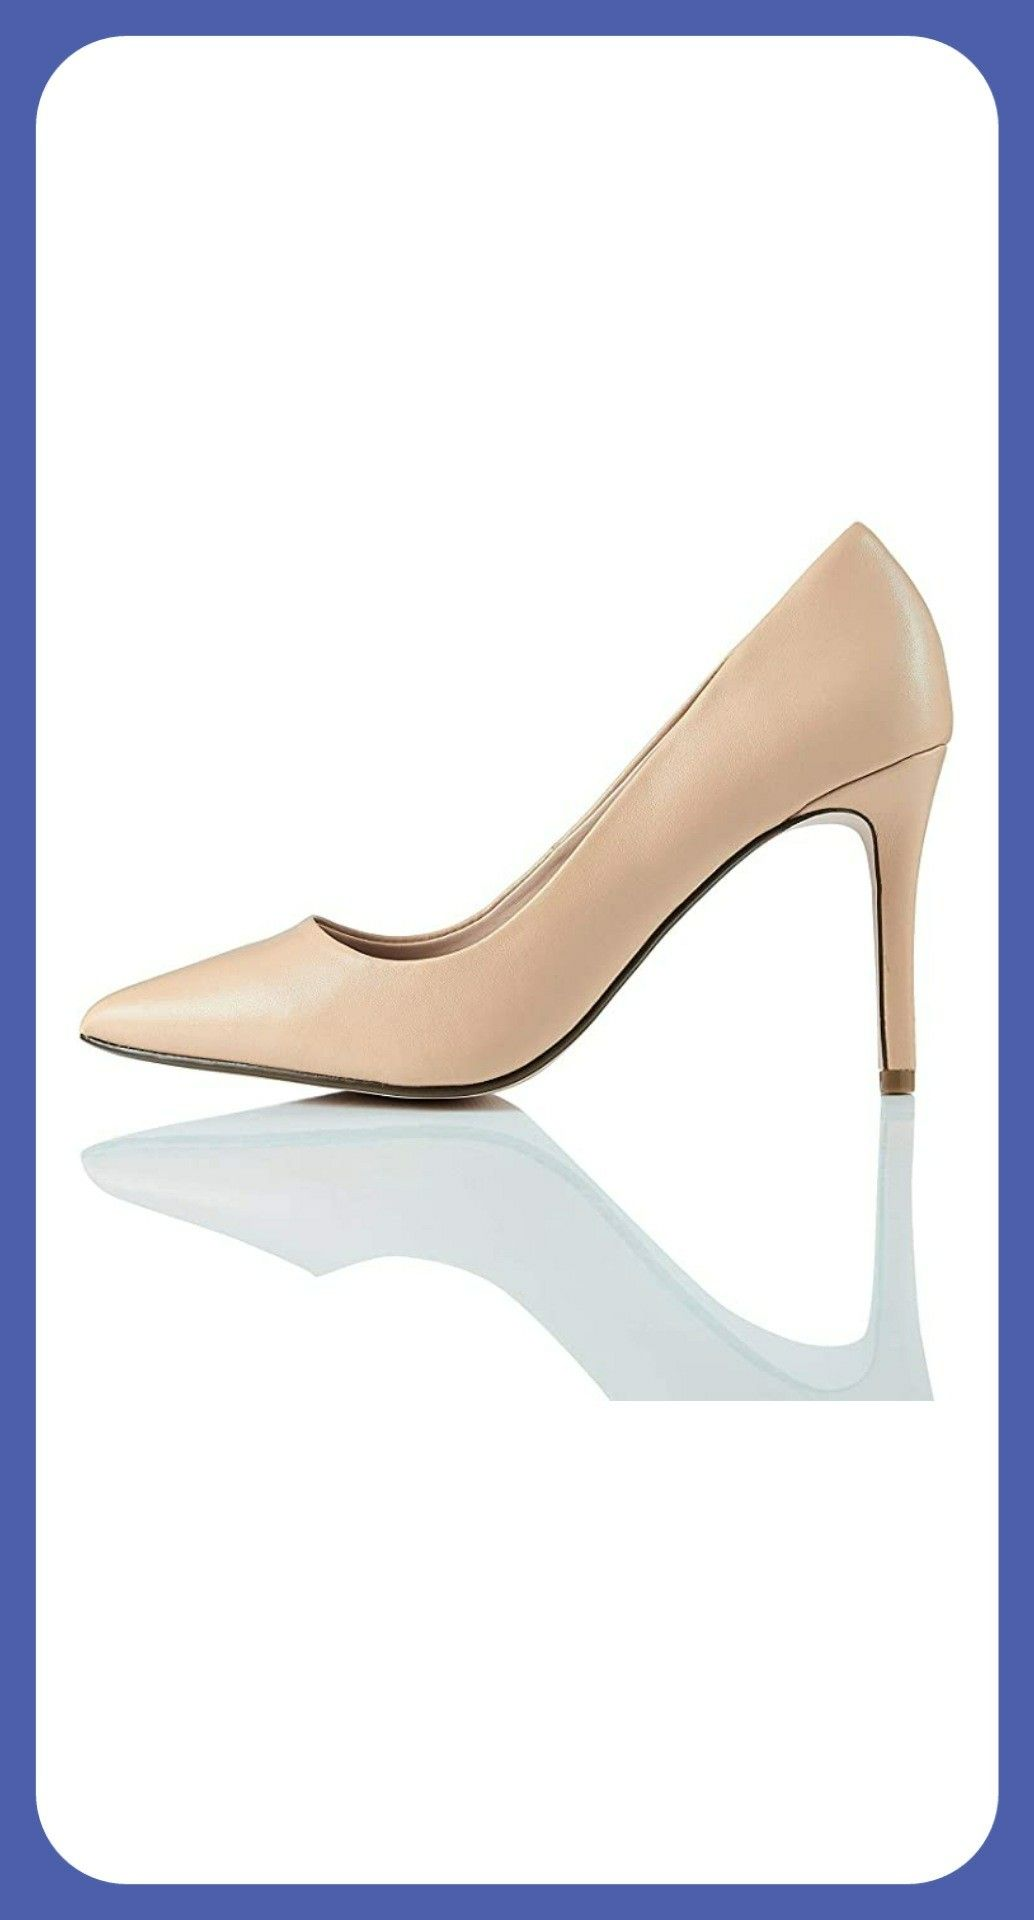 Amazon Brand Find Women S High Heel Leather Pumps In 2020 Womens High Heels Heels Black Sandals Heels